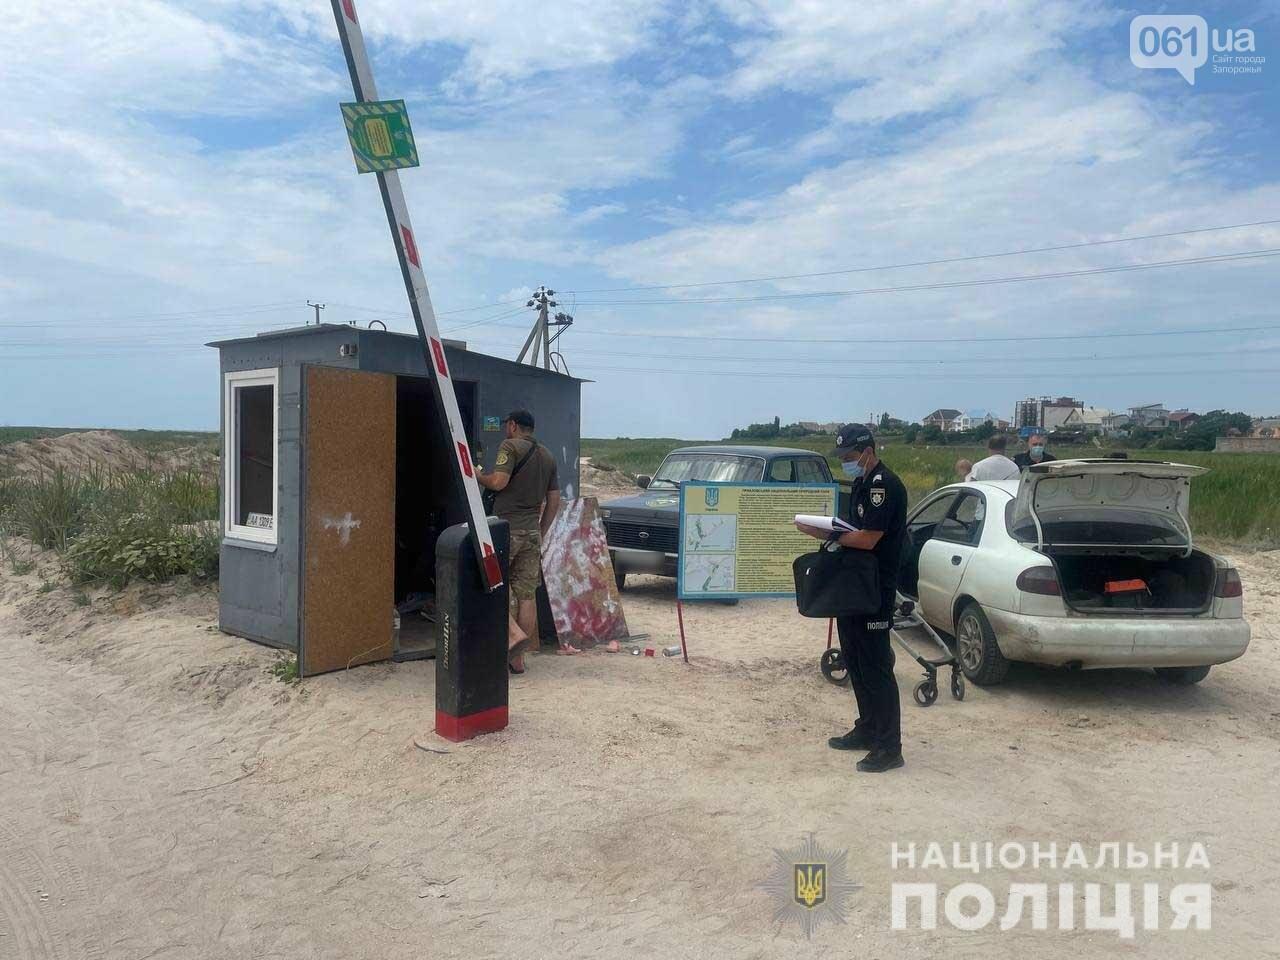 1 60d893beefba5 - Запорожская полиция демонтировала незаконный шлагбаум на острове Бирючий, - ФОТО